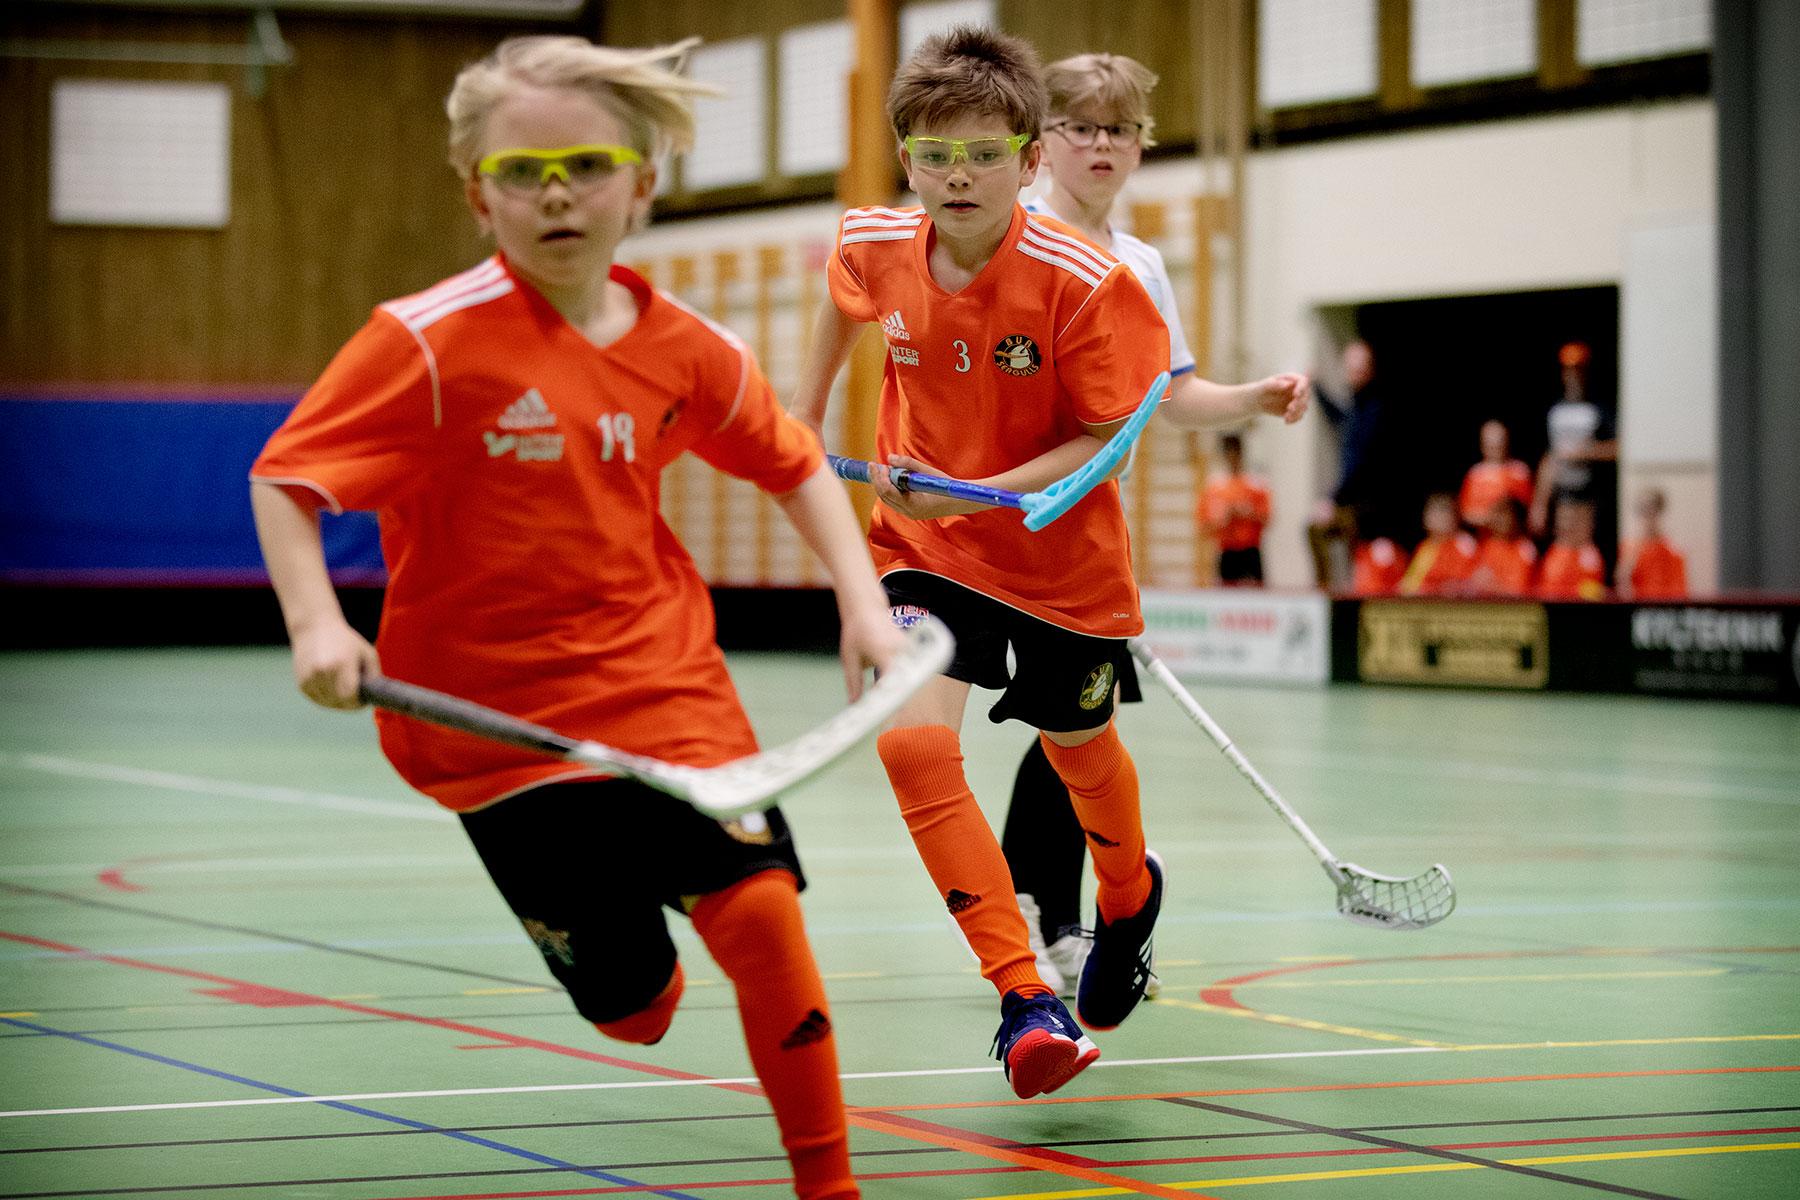 blogg-190407varbergsspelen9.jpg